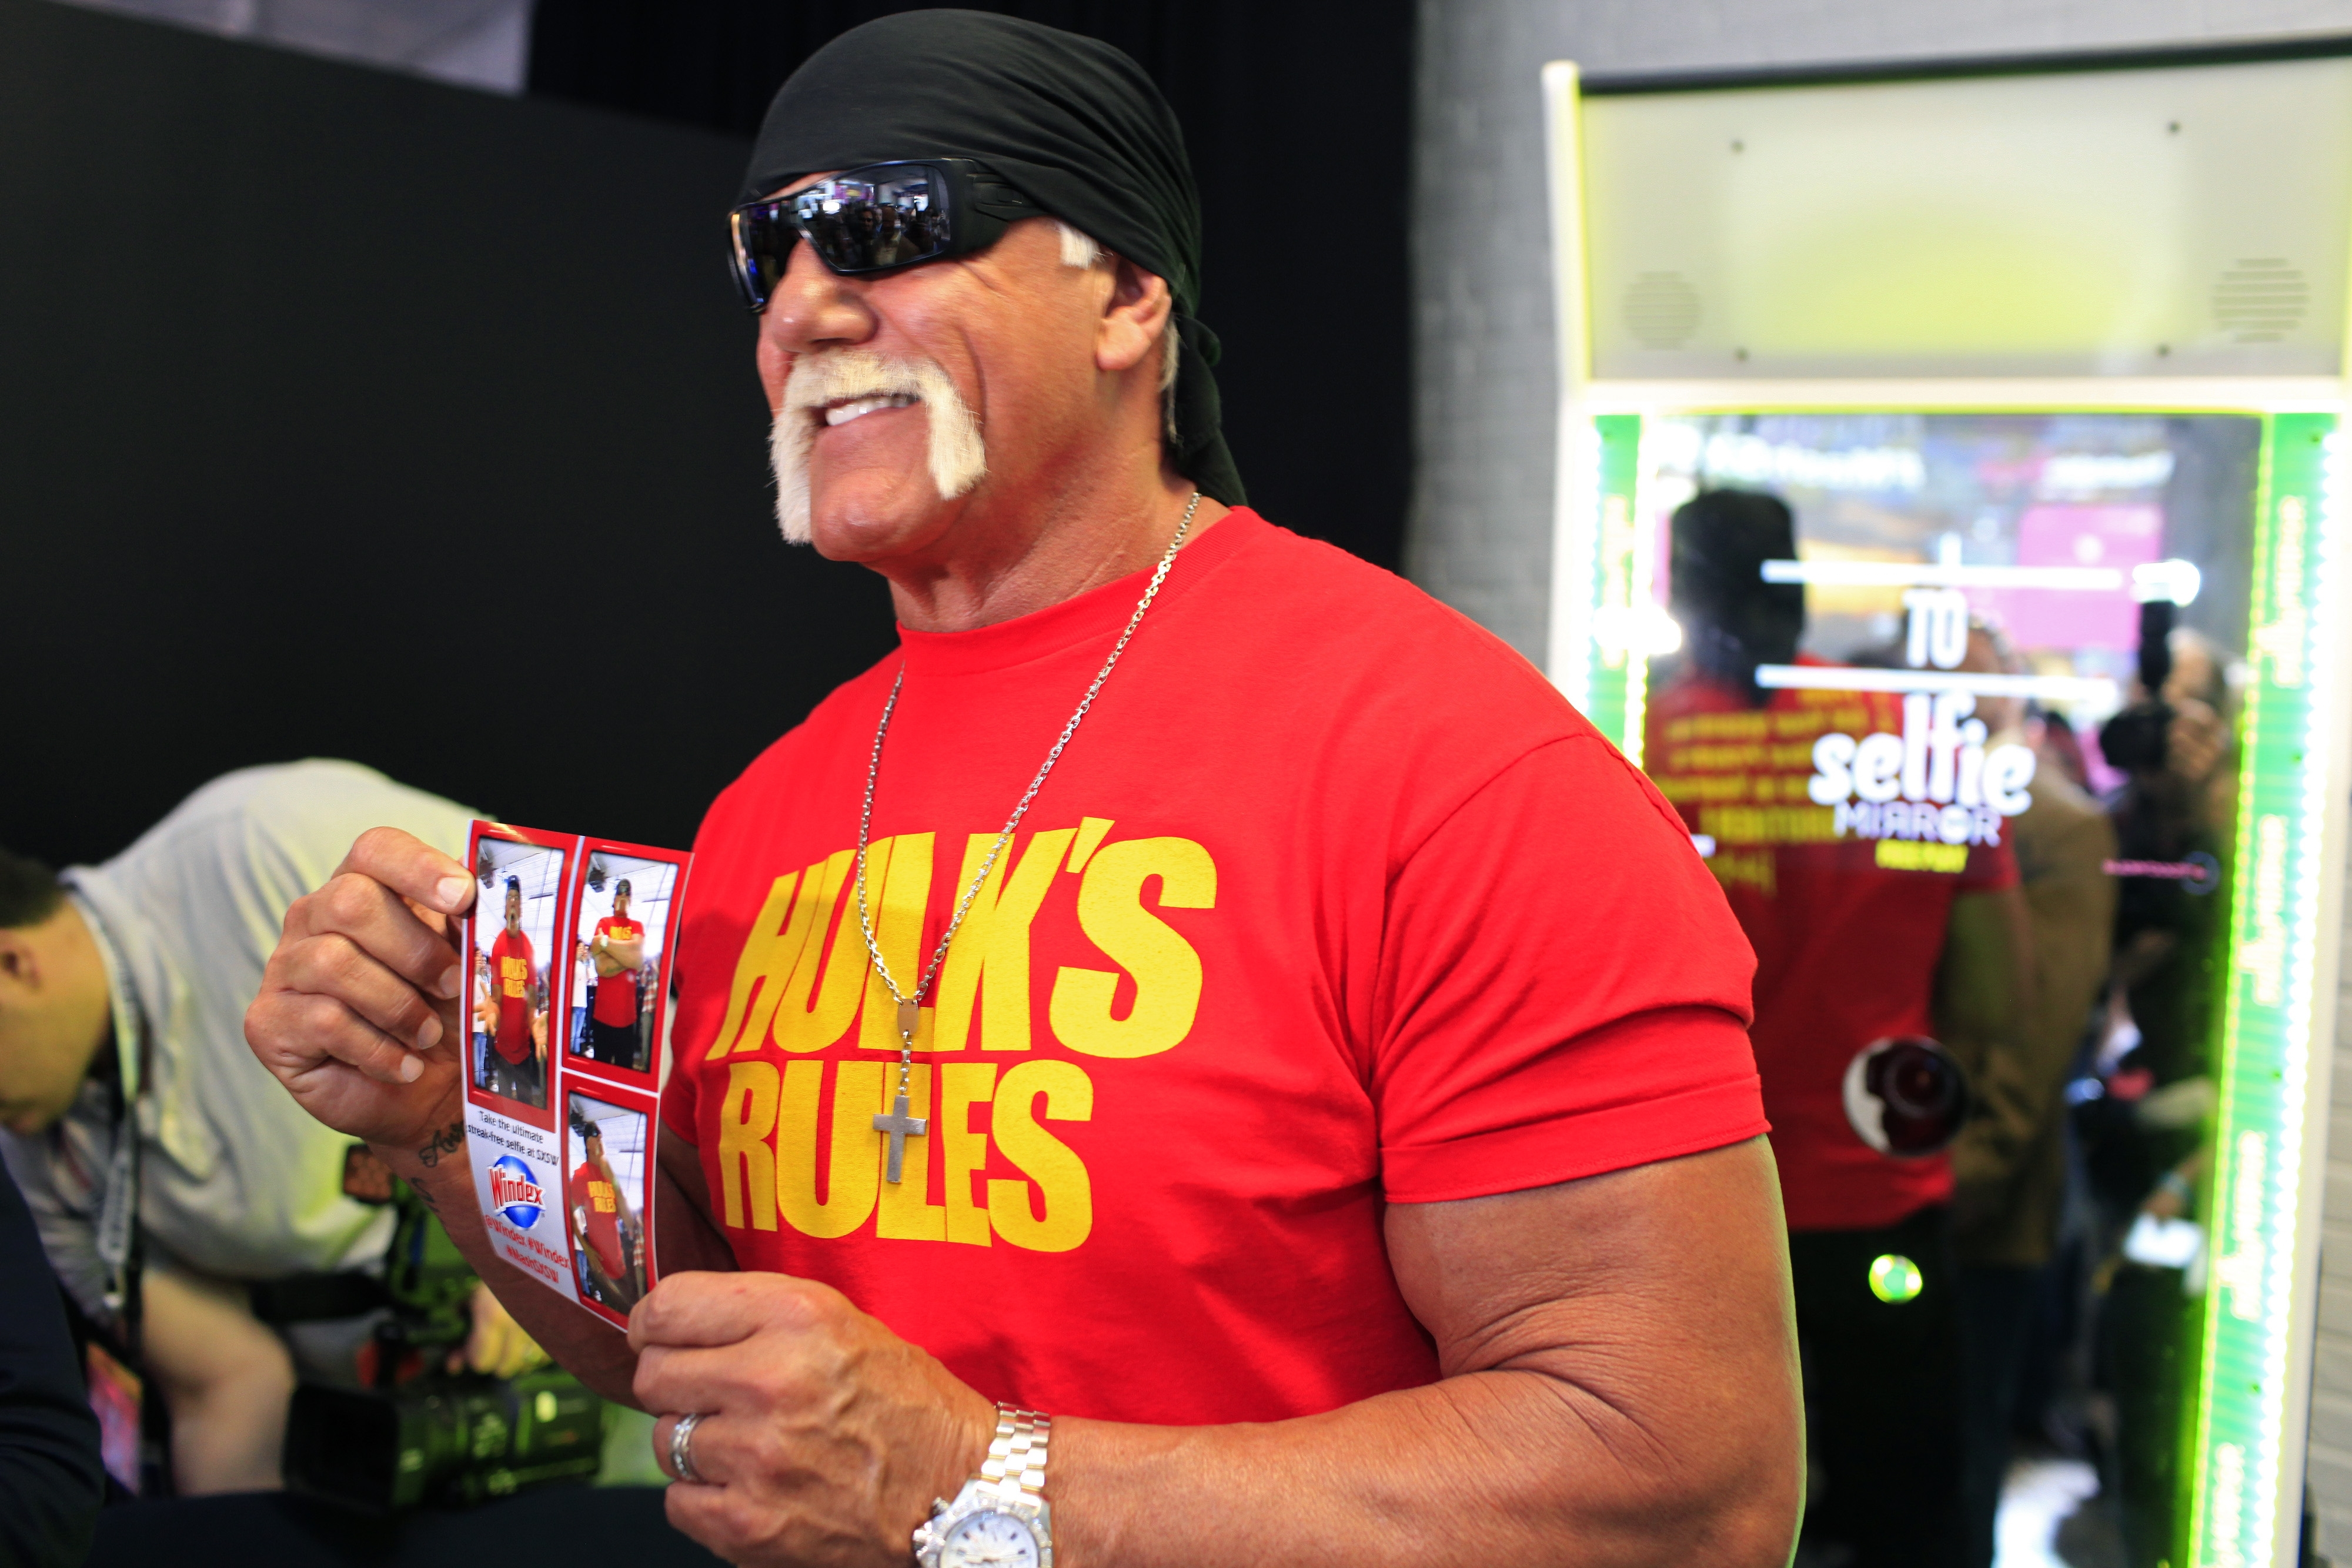 Did Gawker hide assets ahead of Hulk Hogan trial?